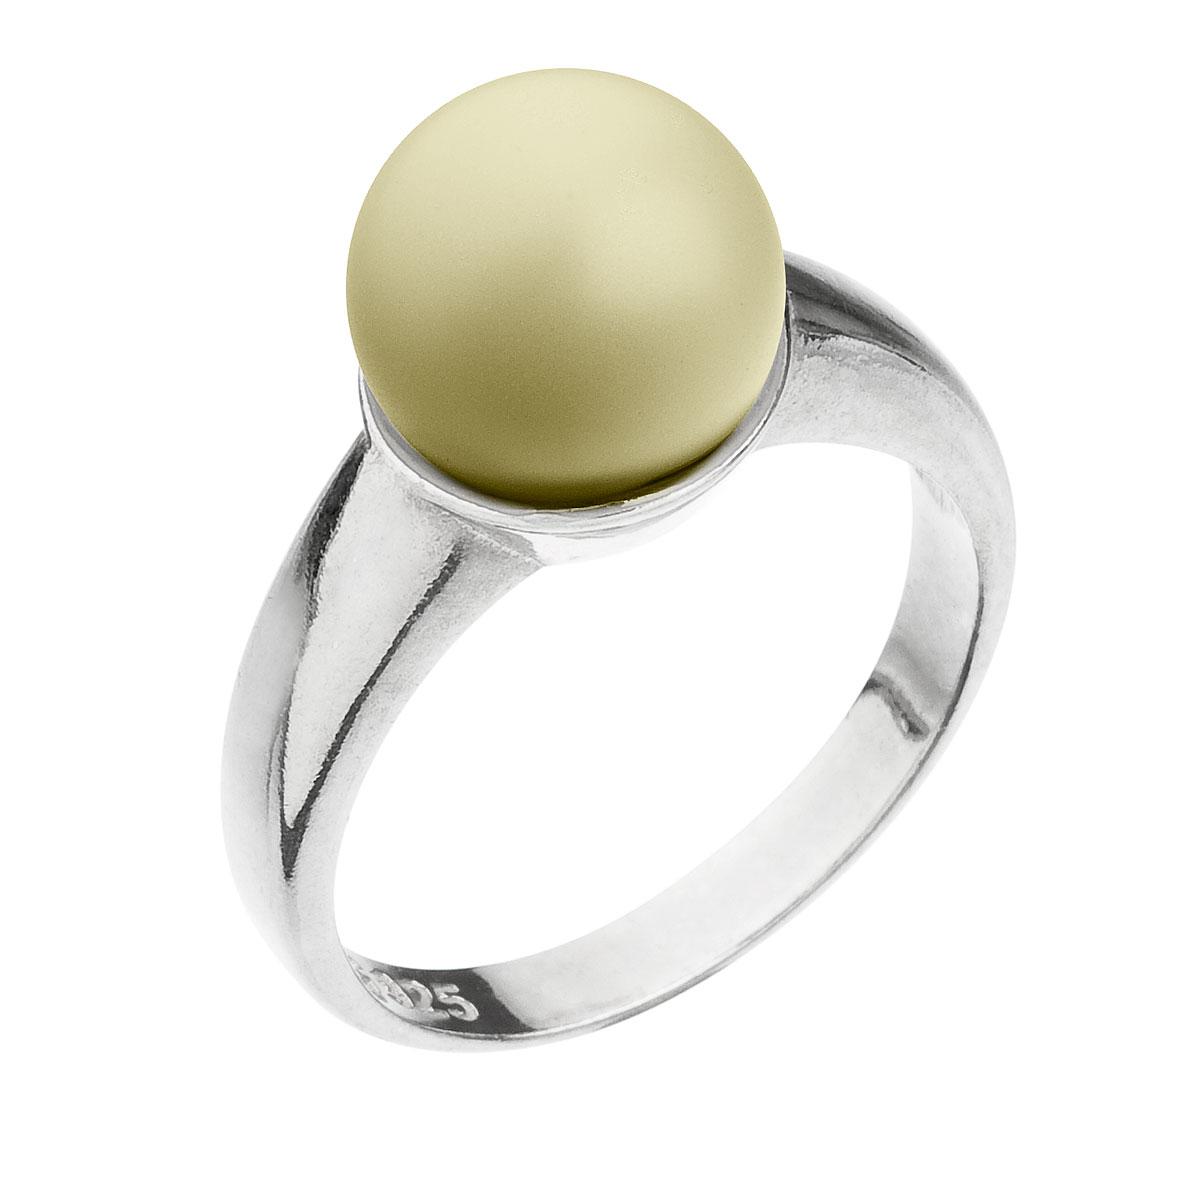 Strieborný prsteň s perlou pastelovo žltý 35022.3